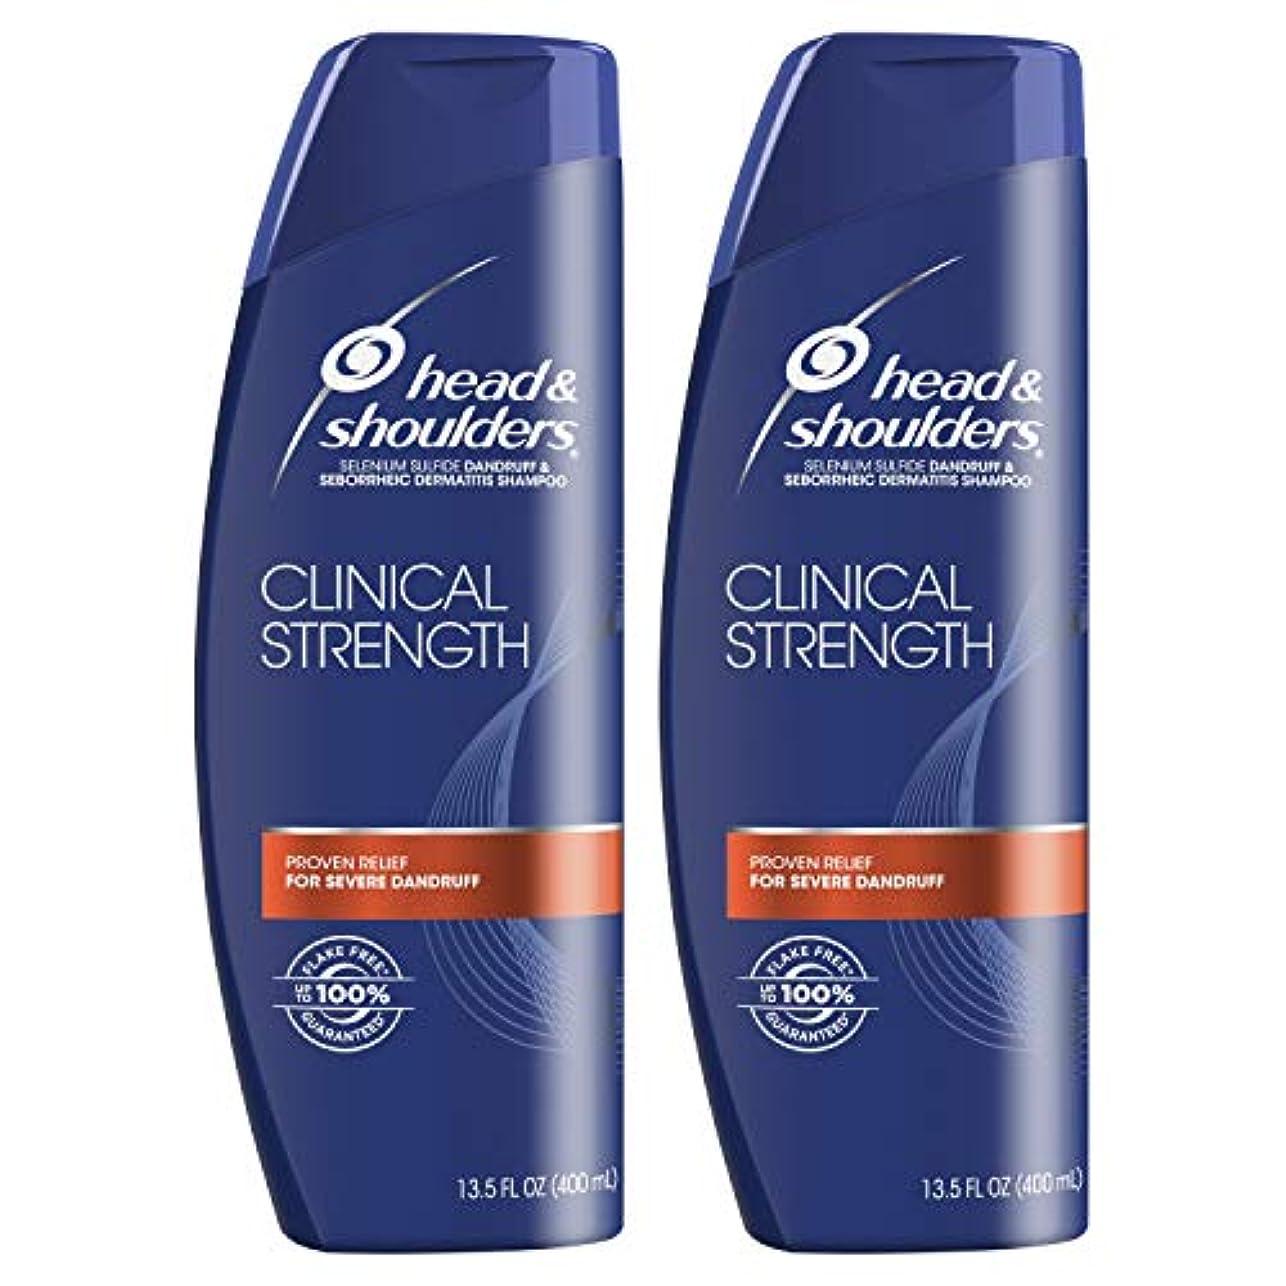 サンプルずらす振り向くHead and Shoulders Clinical Strength Dandruff and Seborrheic Dermatitisシャンプー、13.5 FL OZ